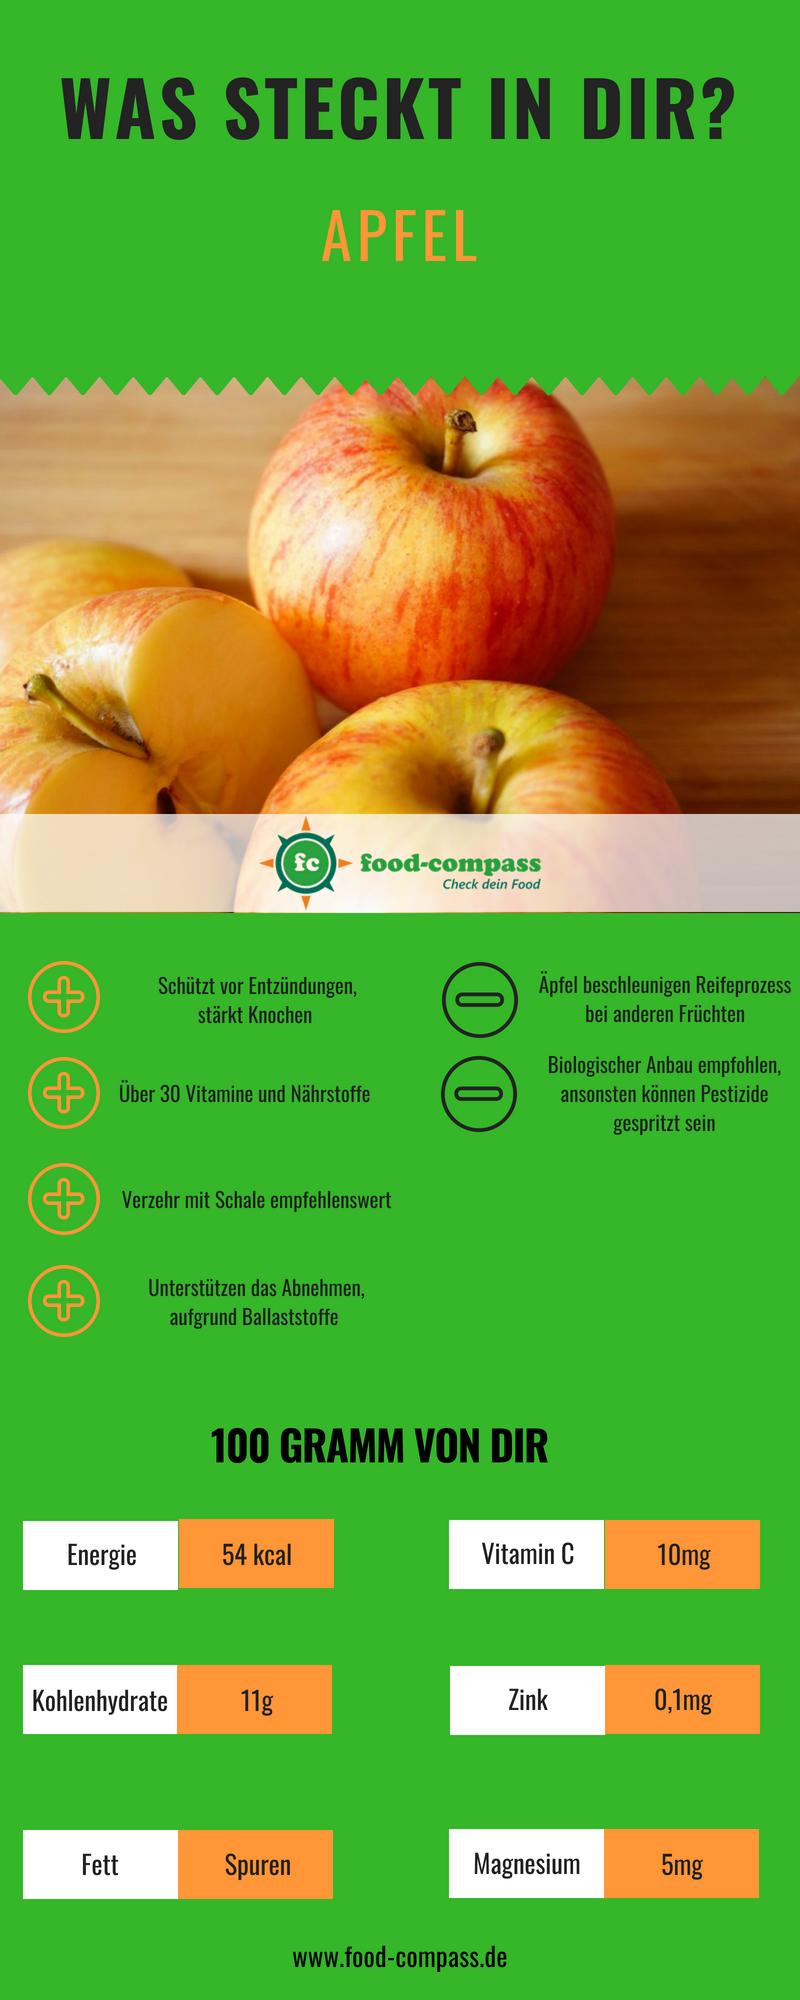 Äpfel und deren Nährstoffe